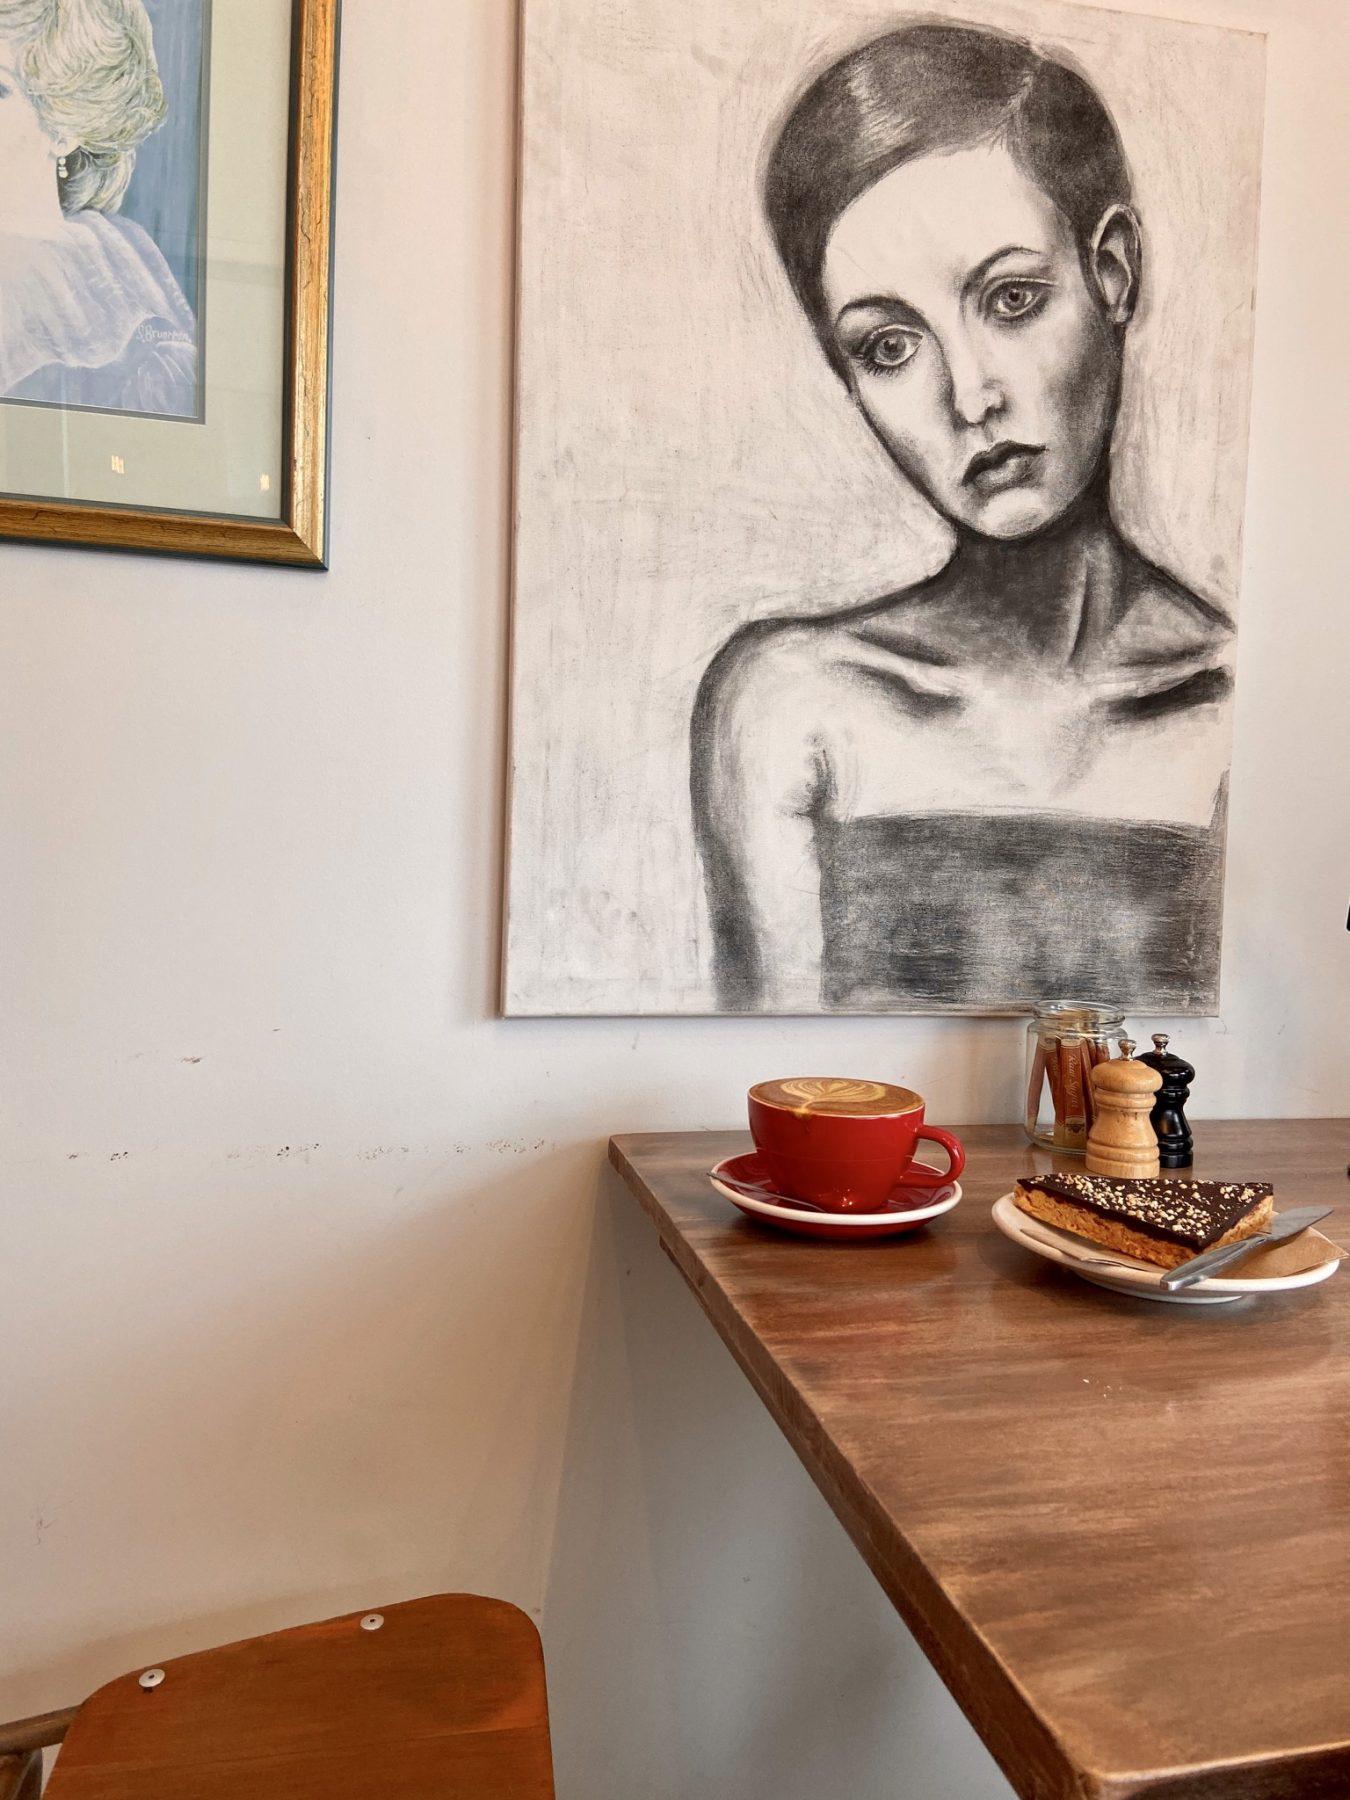 Belle Cafe Artwork Christchurch